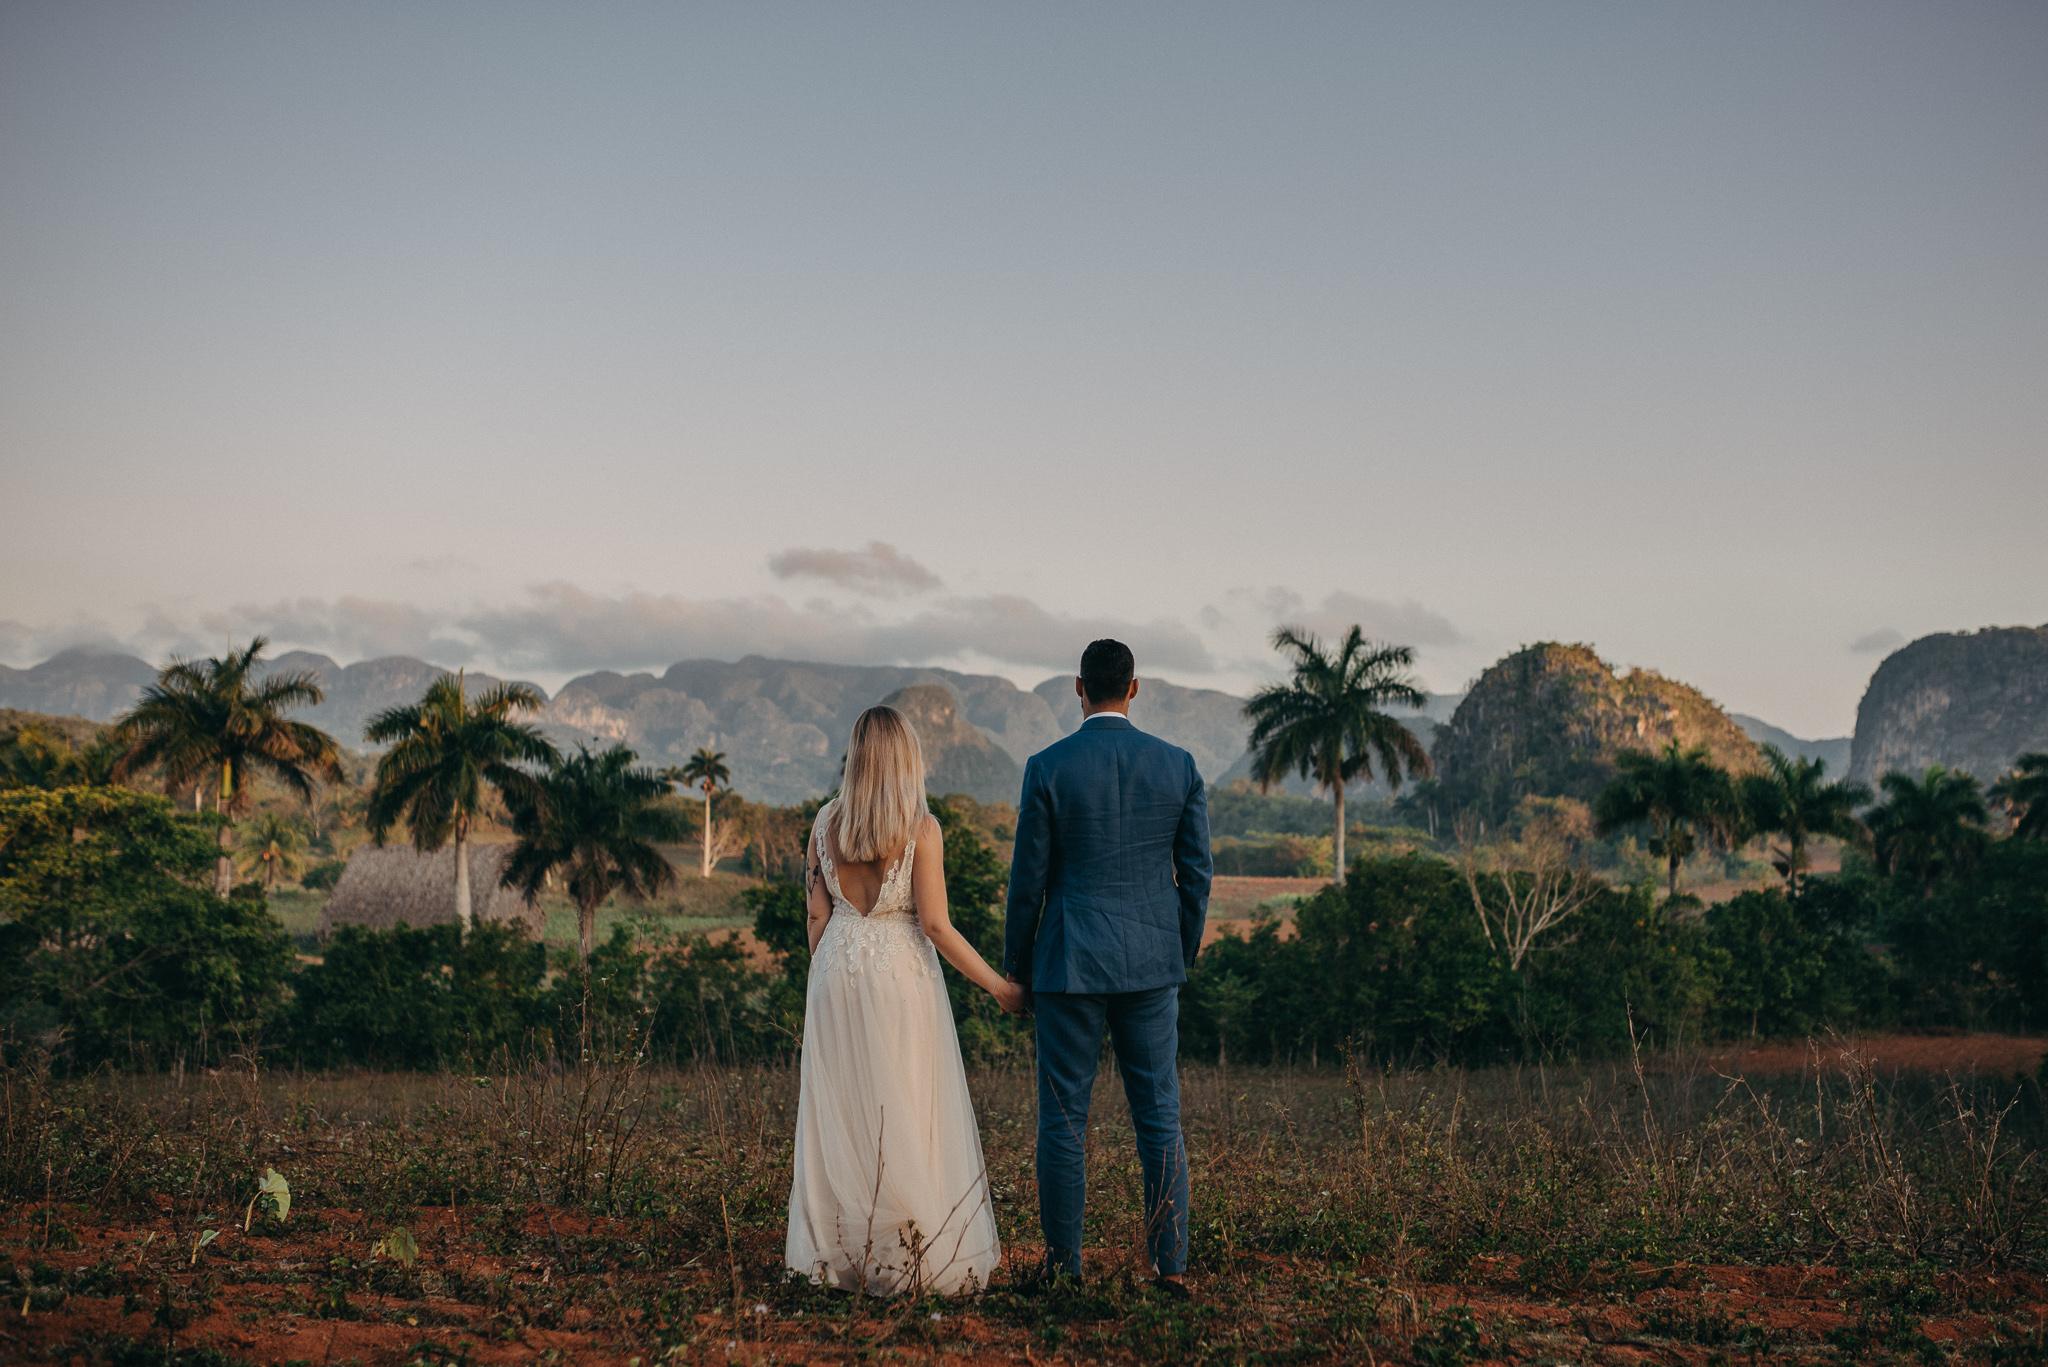 Emma & Pavel in Cuba 2019